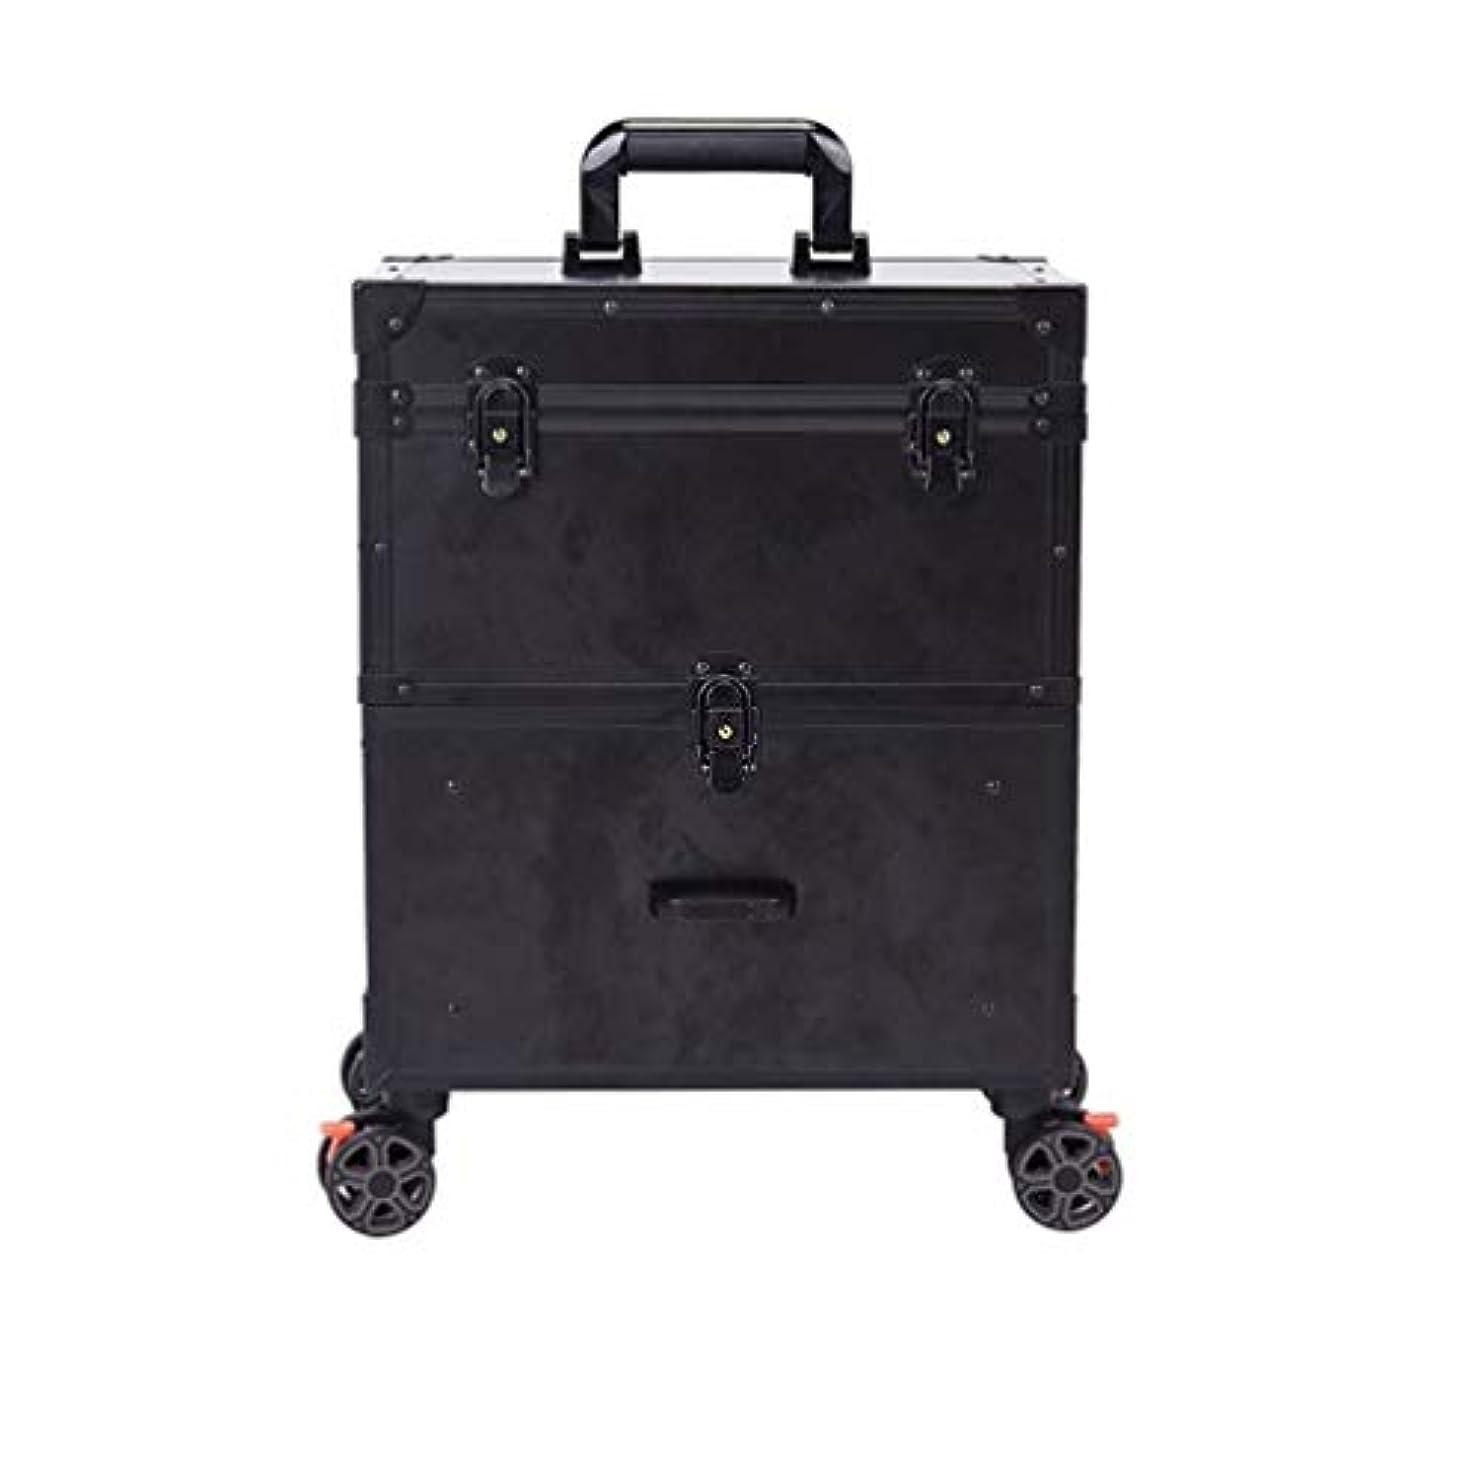 炭素ターミナル珍味トロリーケース メイクボックス プロ用 化粧品収納 大容量 キャスター 手提げ付き 持ち運び便利 出張 鍵付き 大容量 美容師用 アウトドア撮影用 ポケット